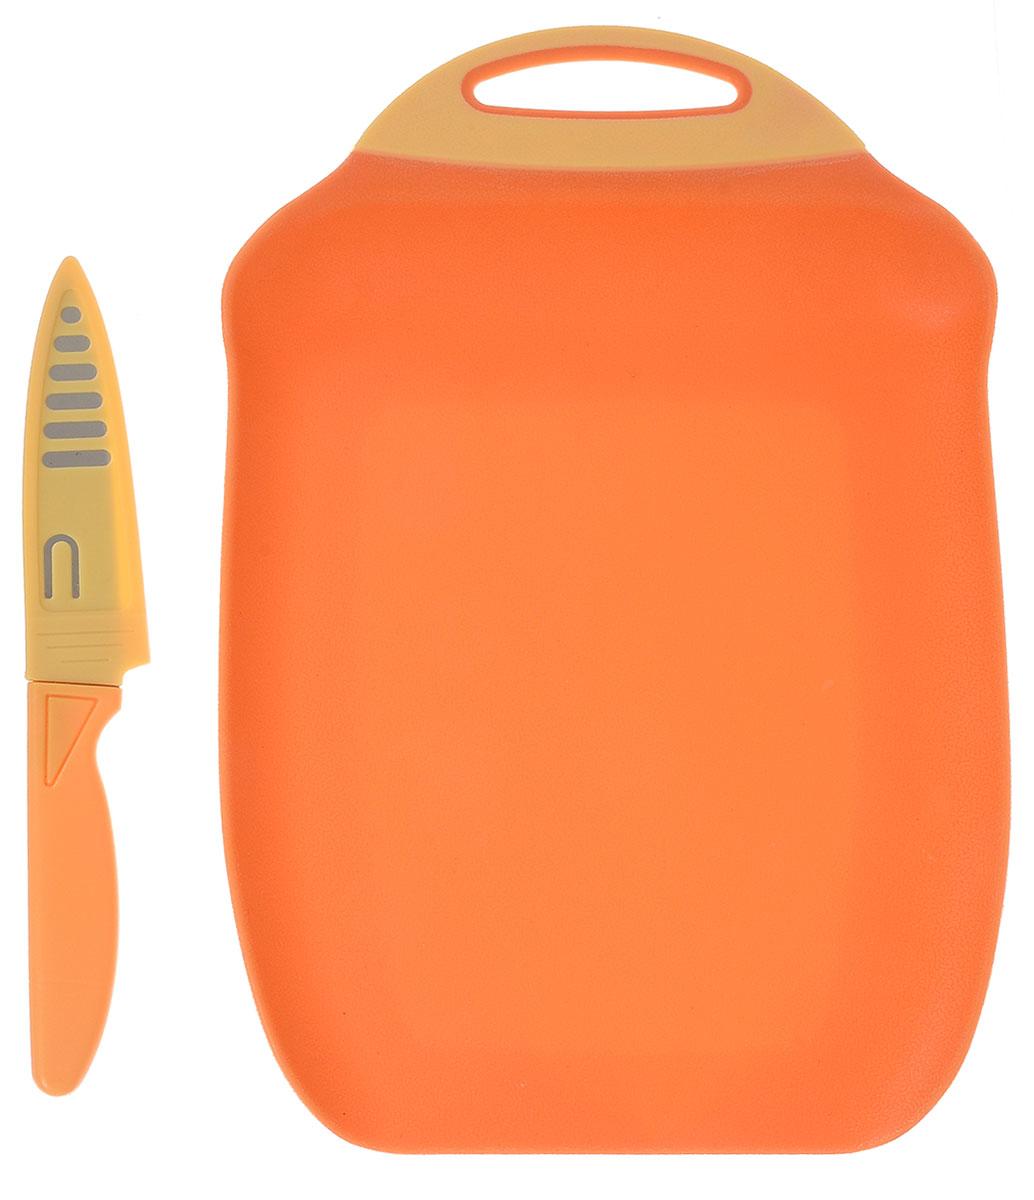 Доска разделочная Menu Ланч, с ножом, цвет: оранжевый, 27 х 18 смLNC-27_оранжевыйРазделочная доска Menu Ланч изготовлена извысококачественного пищевого пластика и предназначенадля разделывания рыбы, мяса, нарезки овощей, фруктов,колбас, сыра и хлеба. Поверхность доски не тупит лезвияножей и не впитывает запахи продуктов. В конструкции доскипредусмотрены специальные небольшие бортики, которыепредотвратят случайное ссыпание продуктов. Для удобства хранения доска имеетотверстие для подвешивания. В комплекте имеется нож изнержавеющей стали с защитным чехлом. Эргономичная пластиковая рукоятка не позволяетножувыскальзывать из рук.Любая хозяйка оценит функциональность данного набора. Мыть только вручную.Размер разделочной доски: 27 х 18 см. Длина ножа: 19 см. Длина лезвия ножа: 10 см.